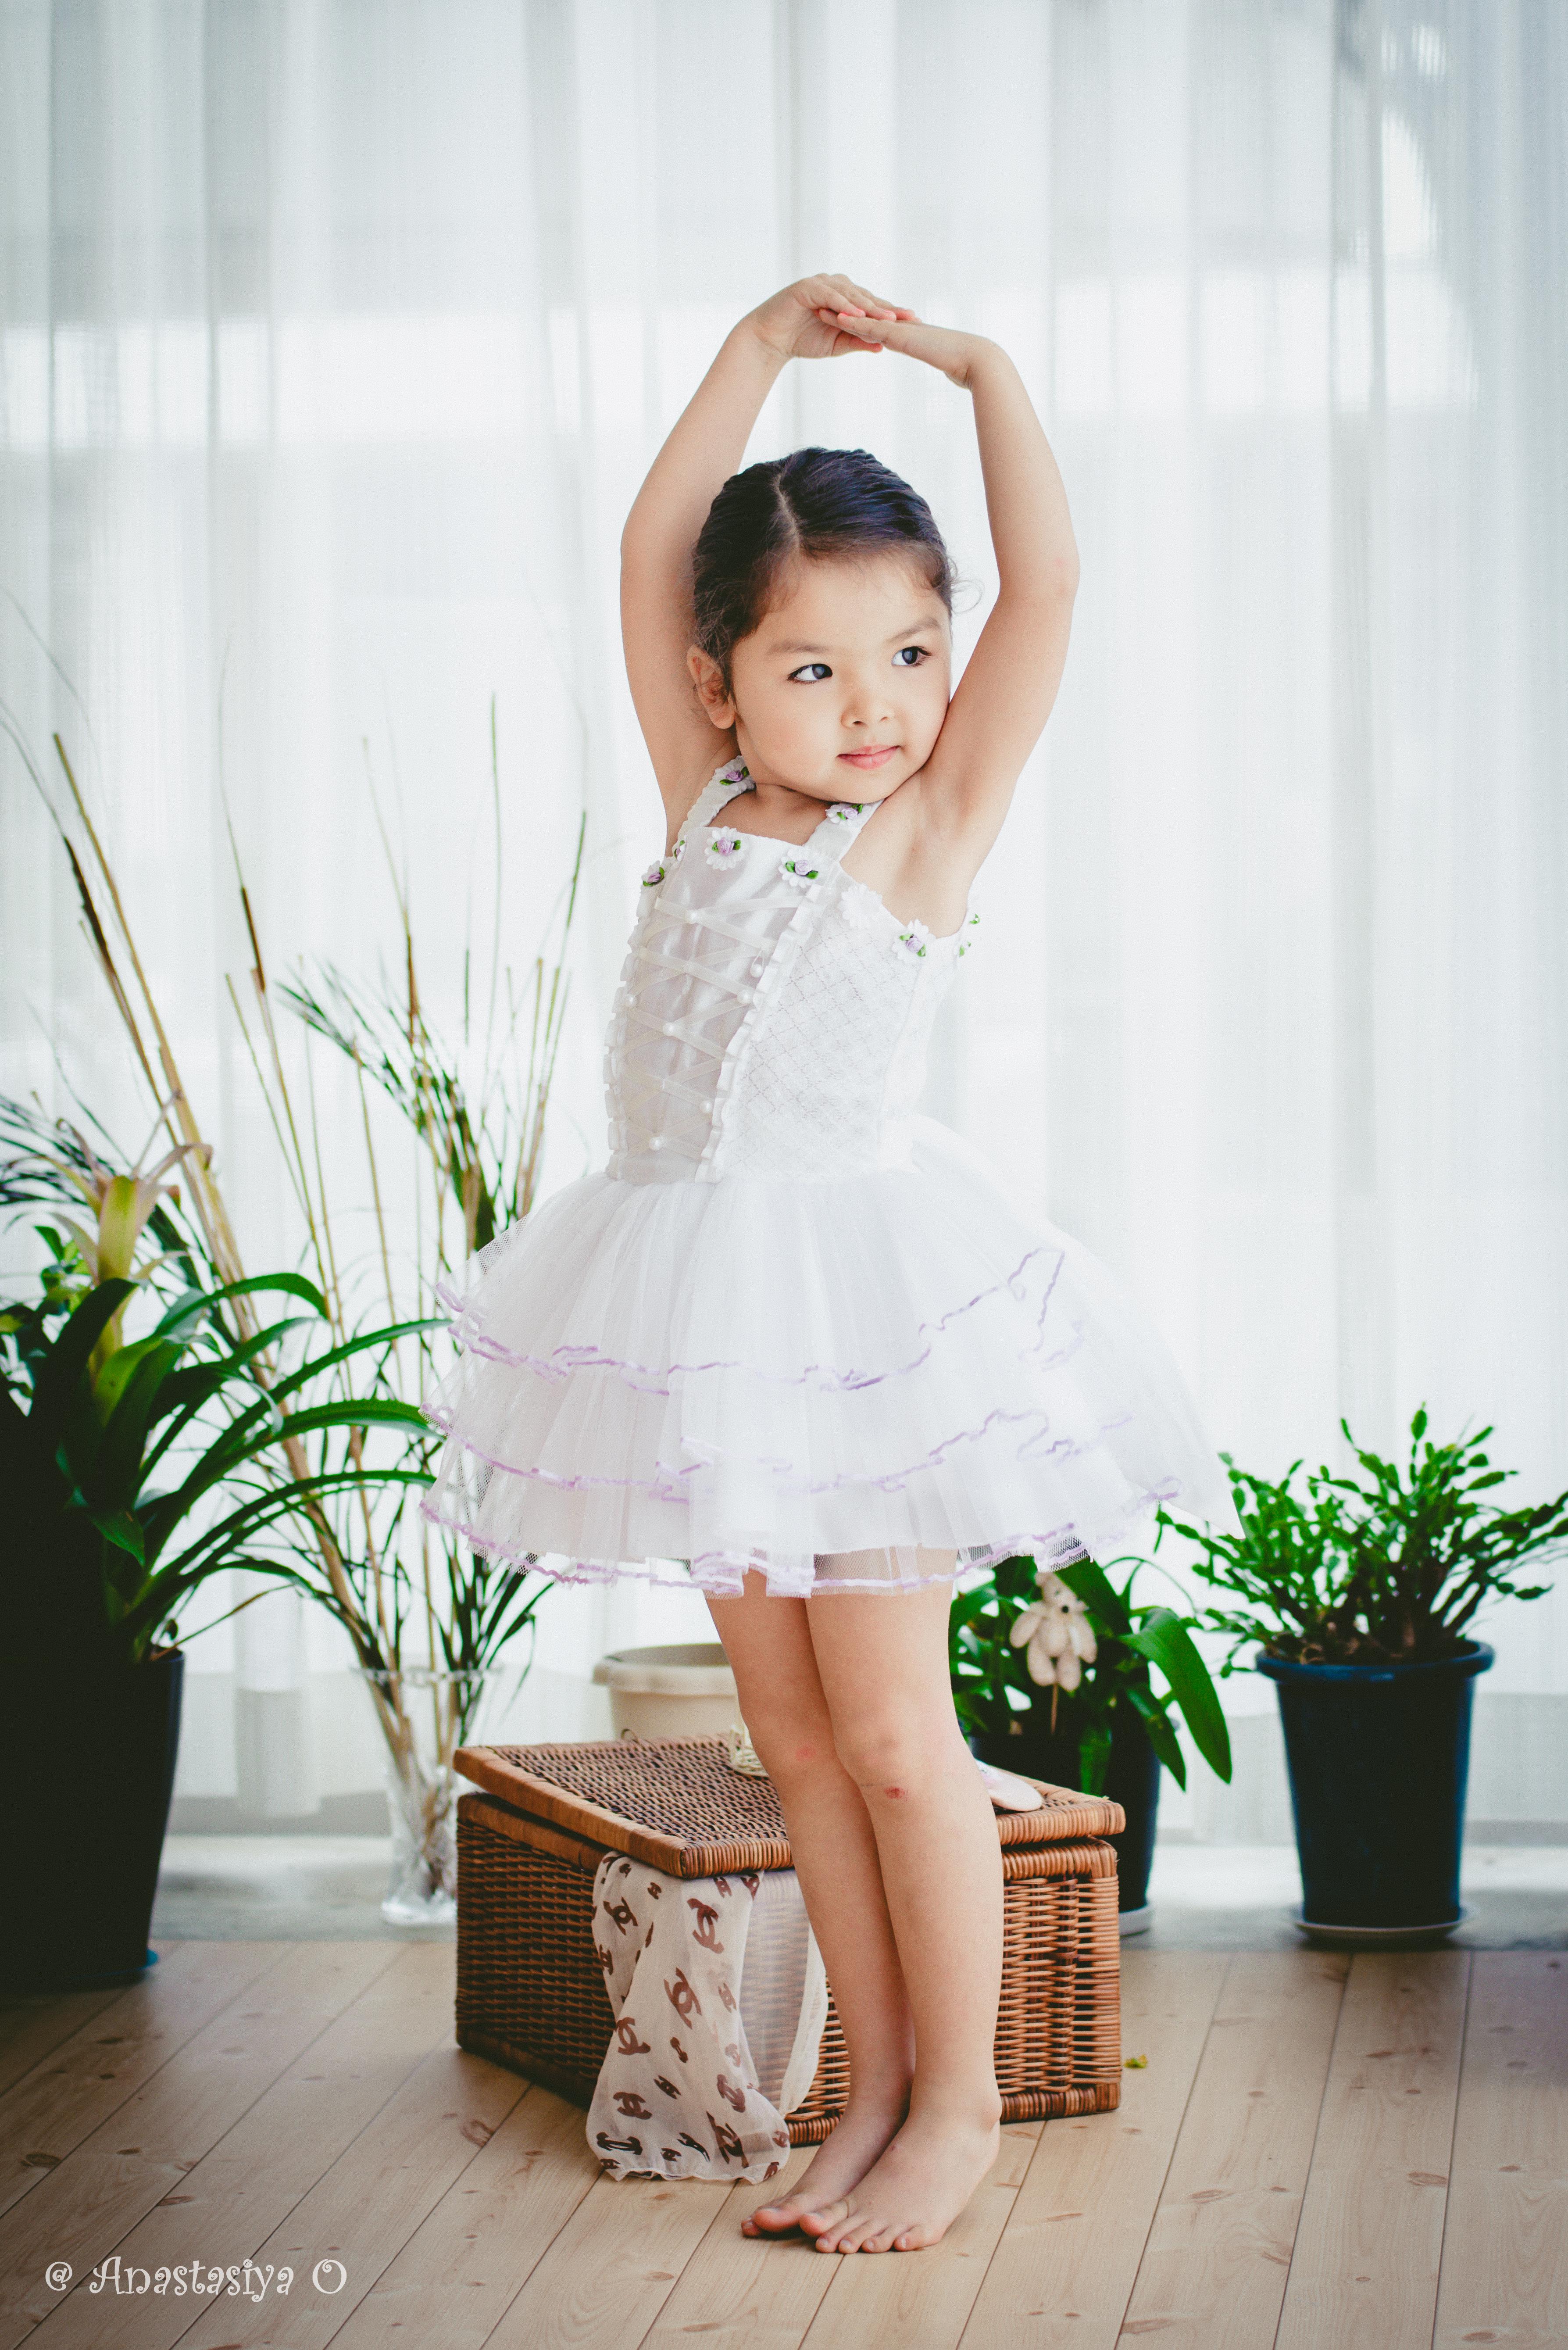 I wish I was a ballerina